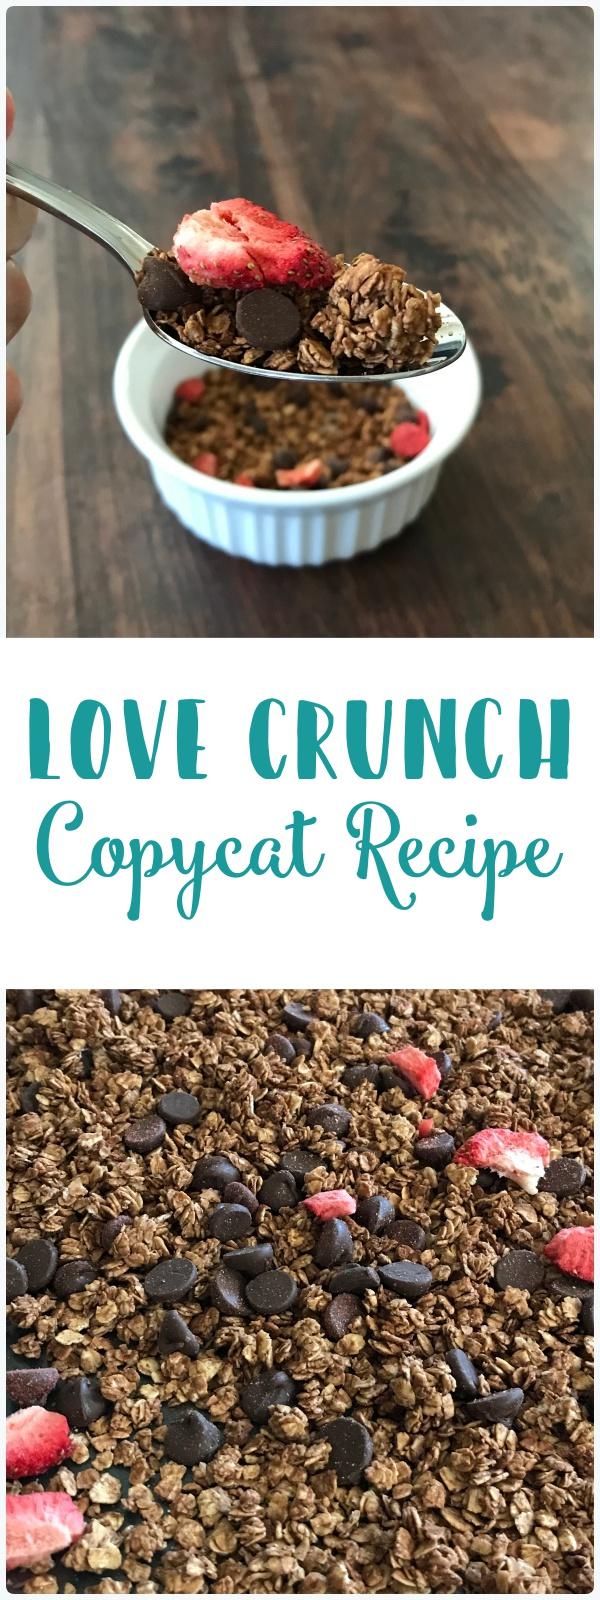 Love Crunch Copy Cat Recipe